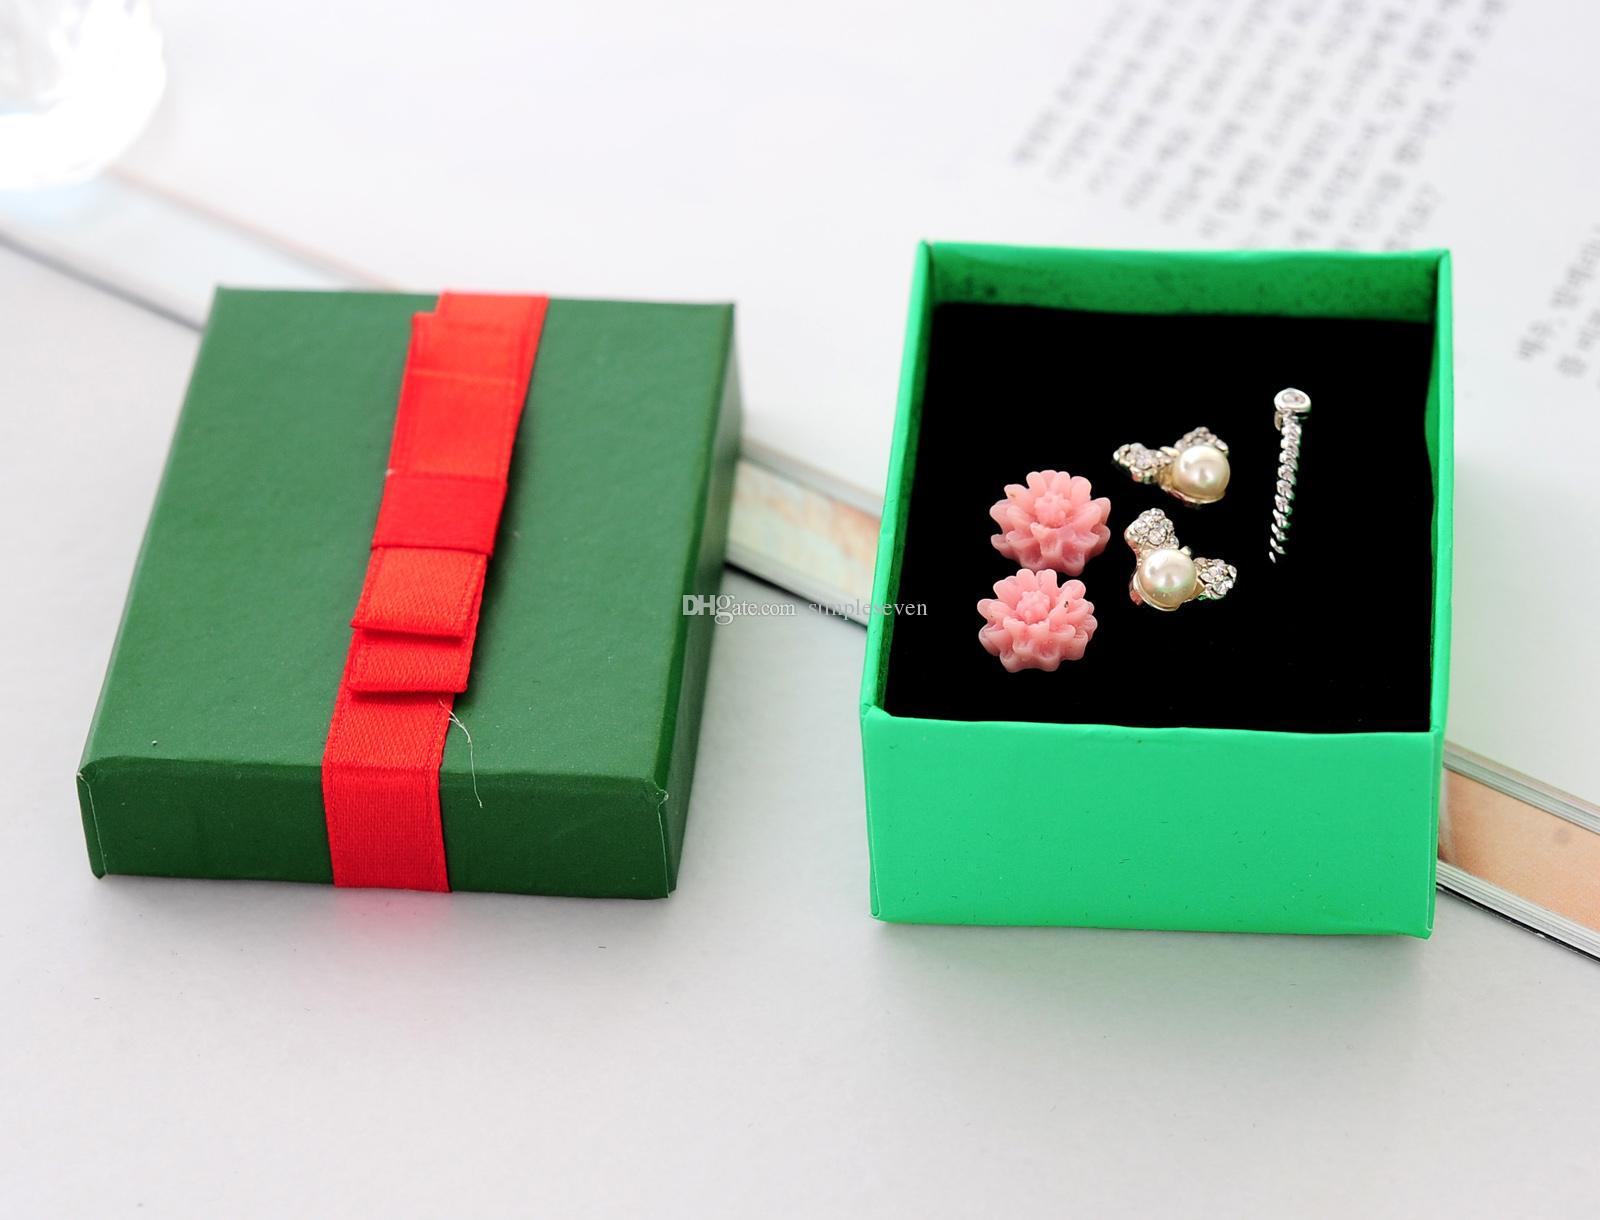 레드 Bowknot와 [간단한 세븐] 솔리드 녹색 팔찌 상자 / 크리스마스 귀걸이 케이스 / 화려한 펜던트 디스플레이 / 특별 선물 보석 상자